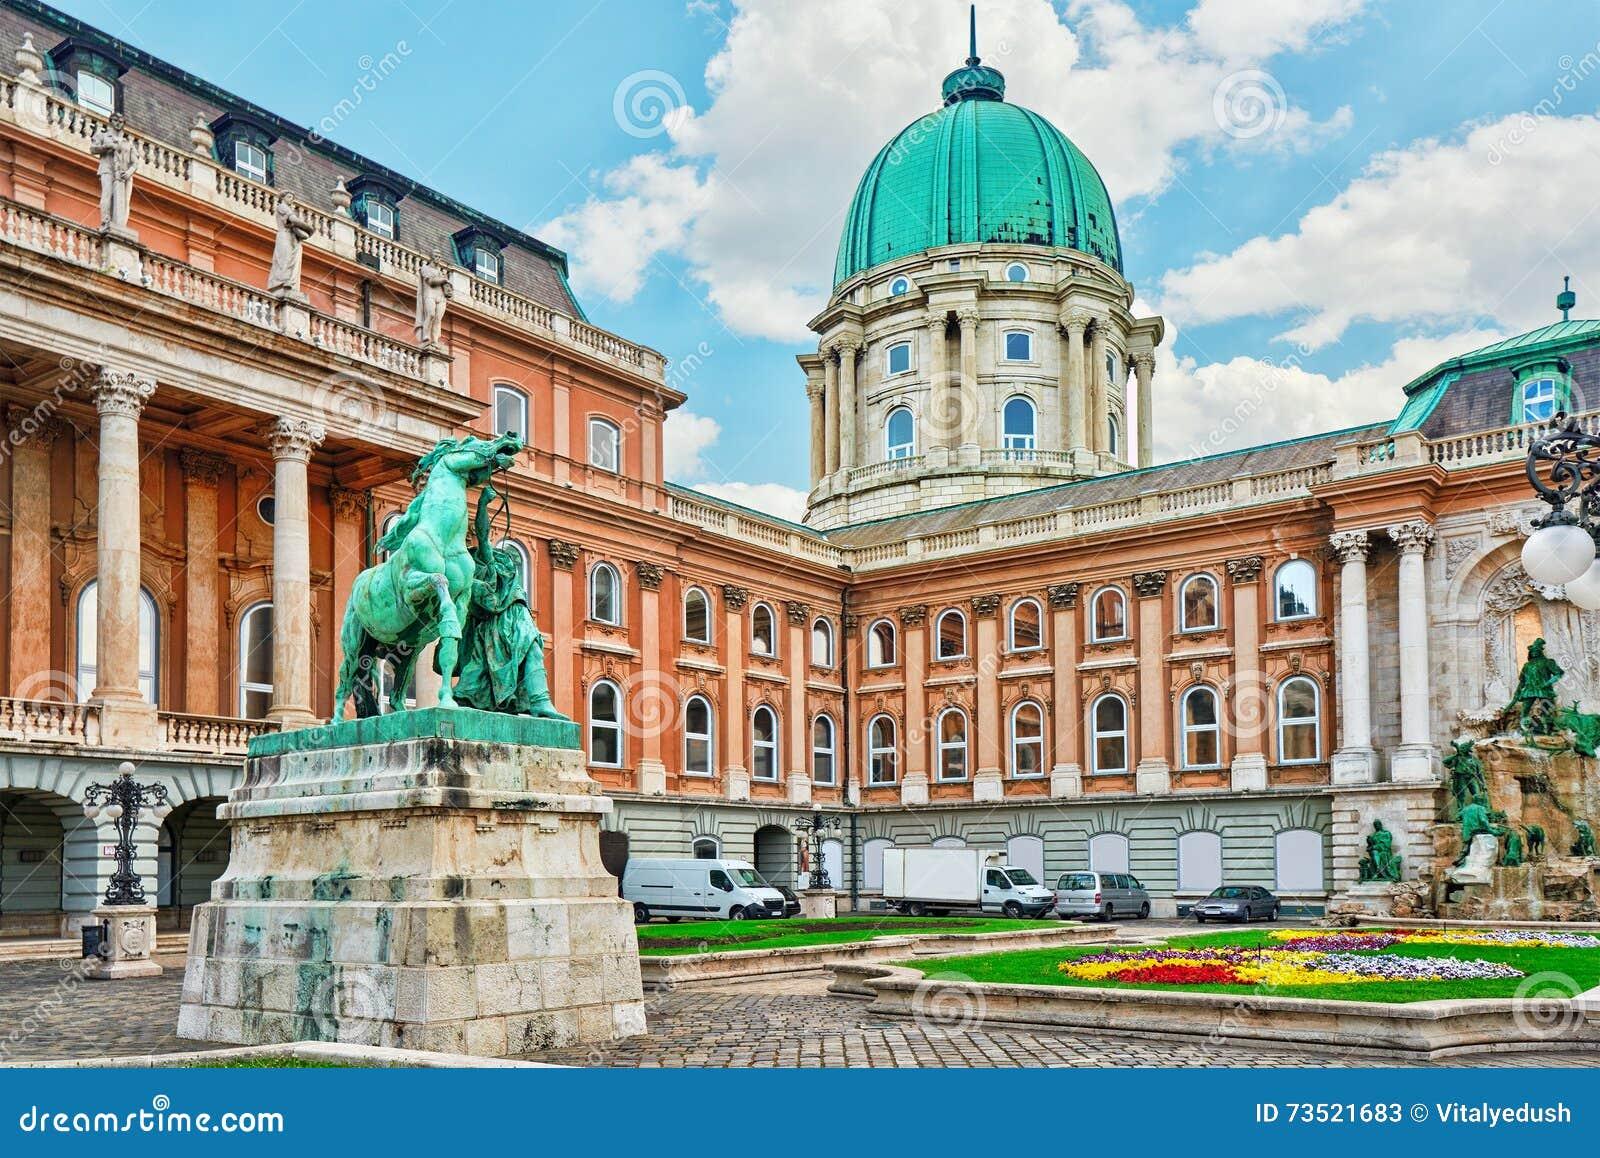 Budapest Królewski kasztel - podwórze Royal Palace w Budapest